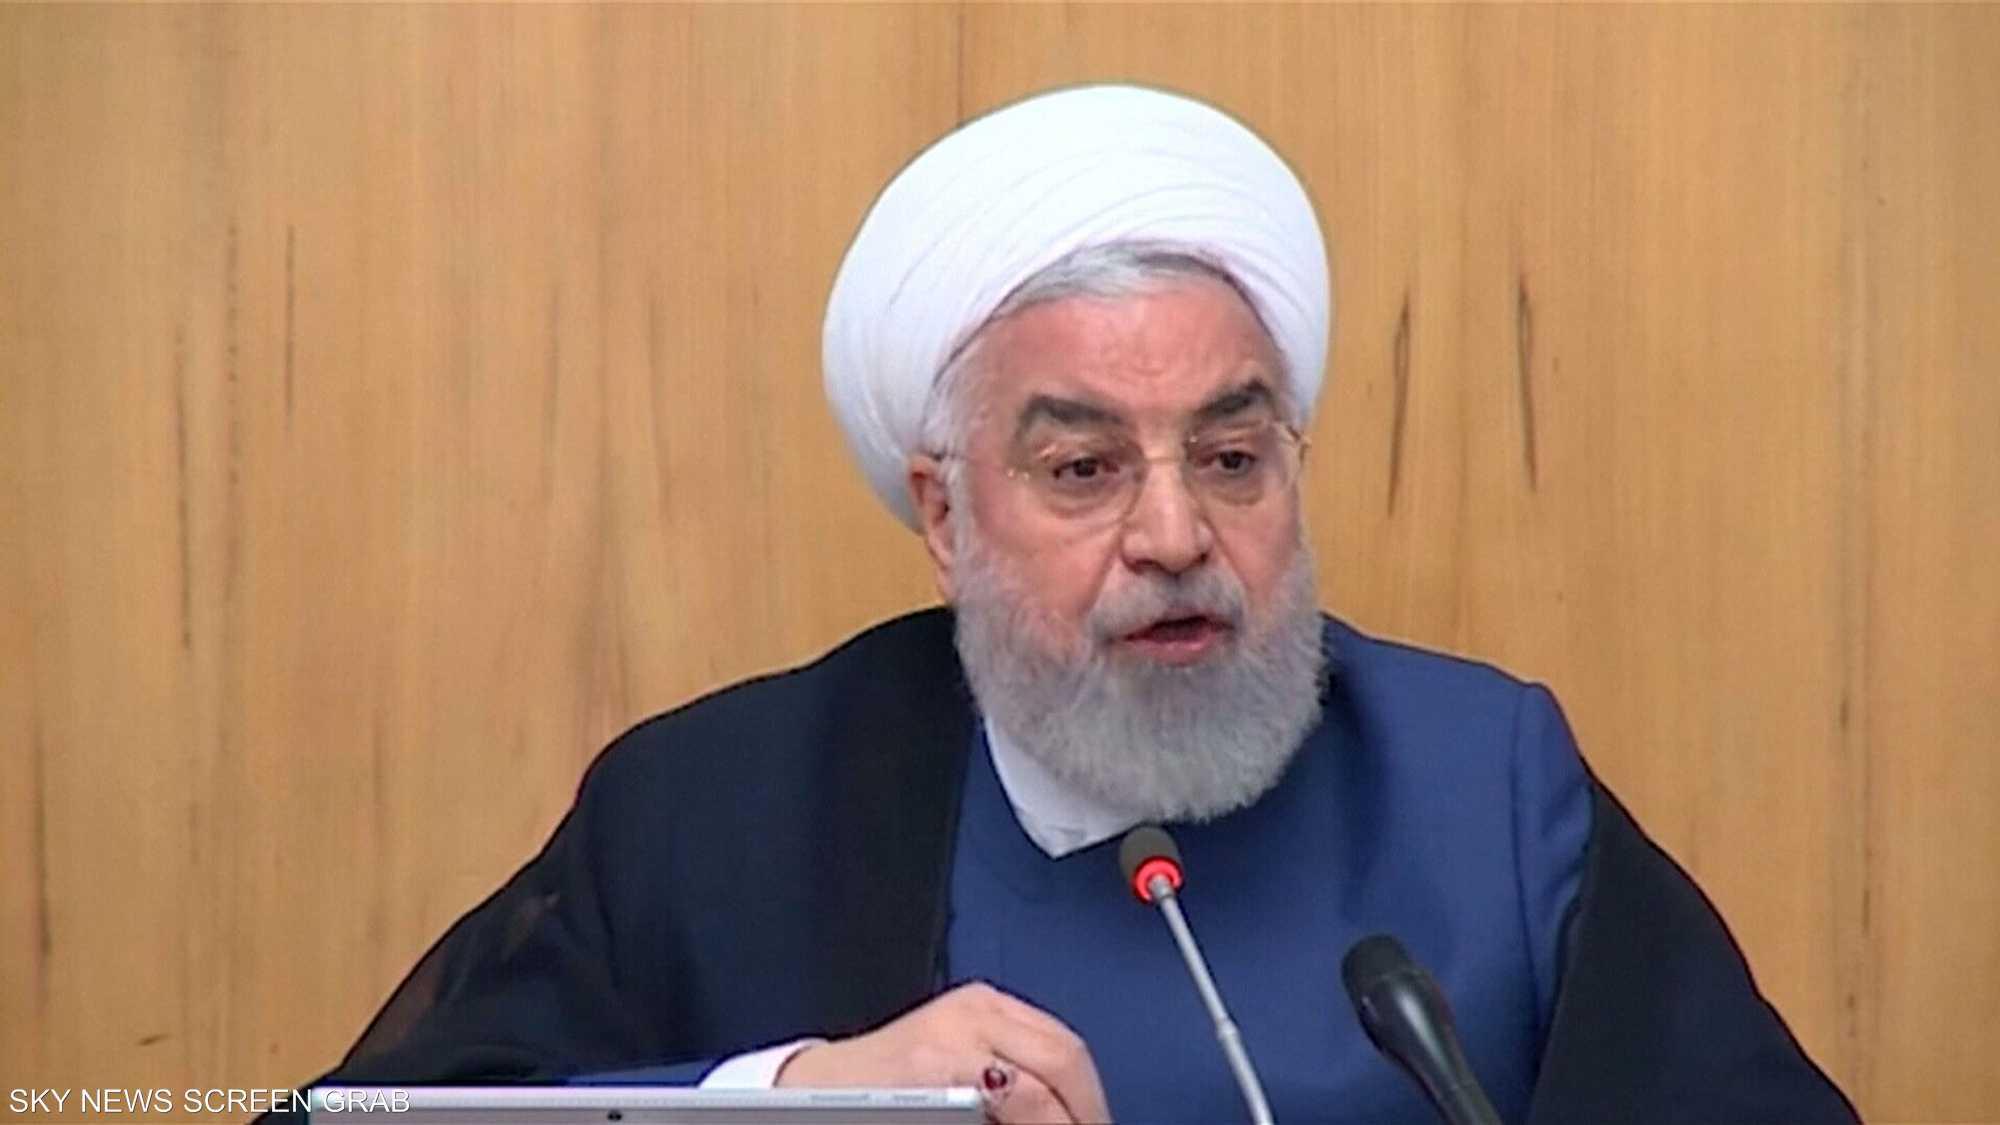 روحاني: طهران مستعدة لإقامة علاقة أخوة وصداقة مع دول الجوار